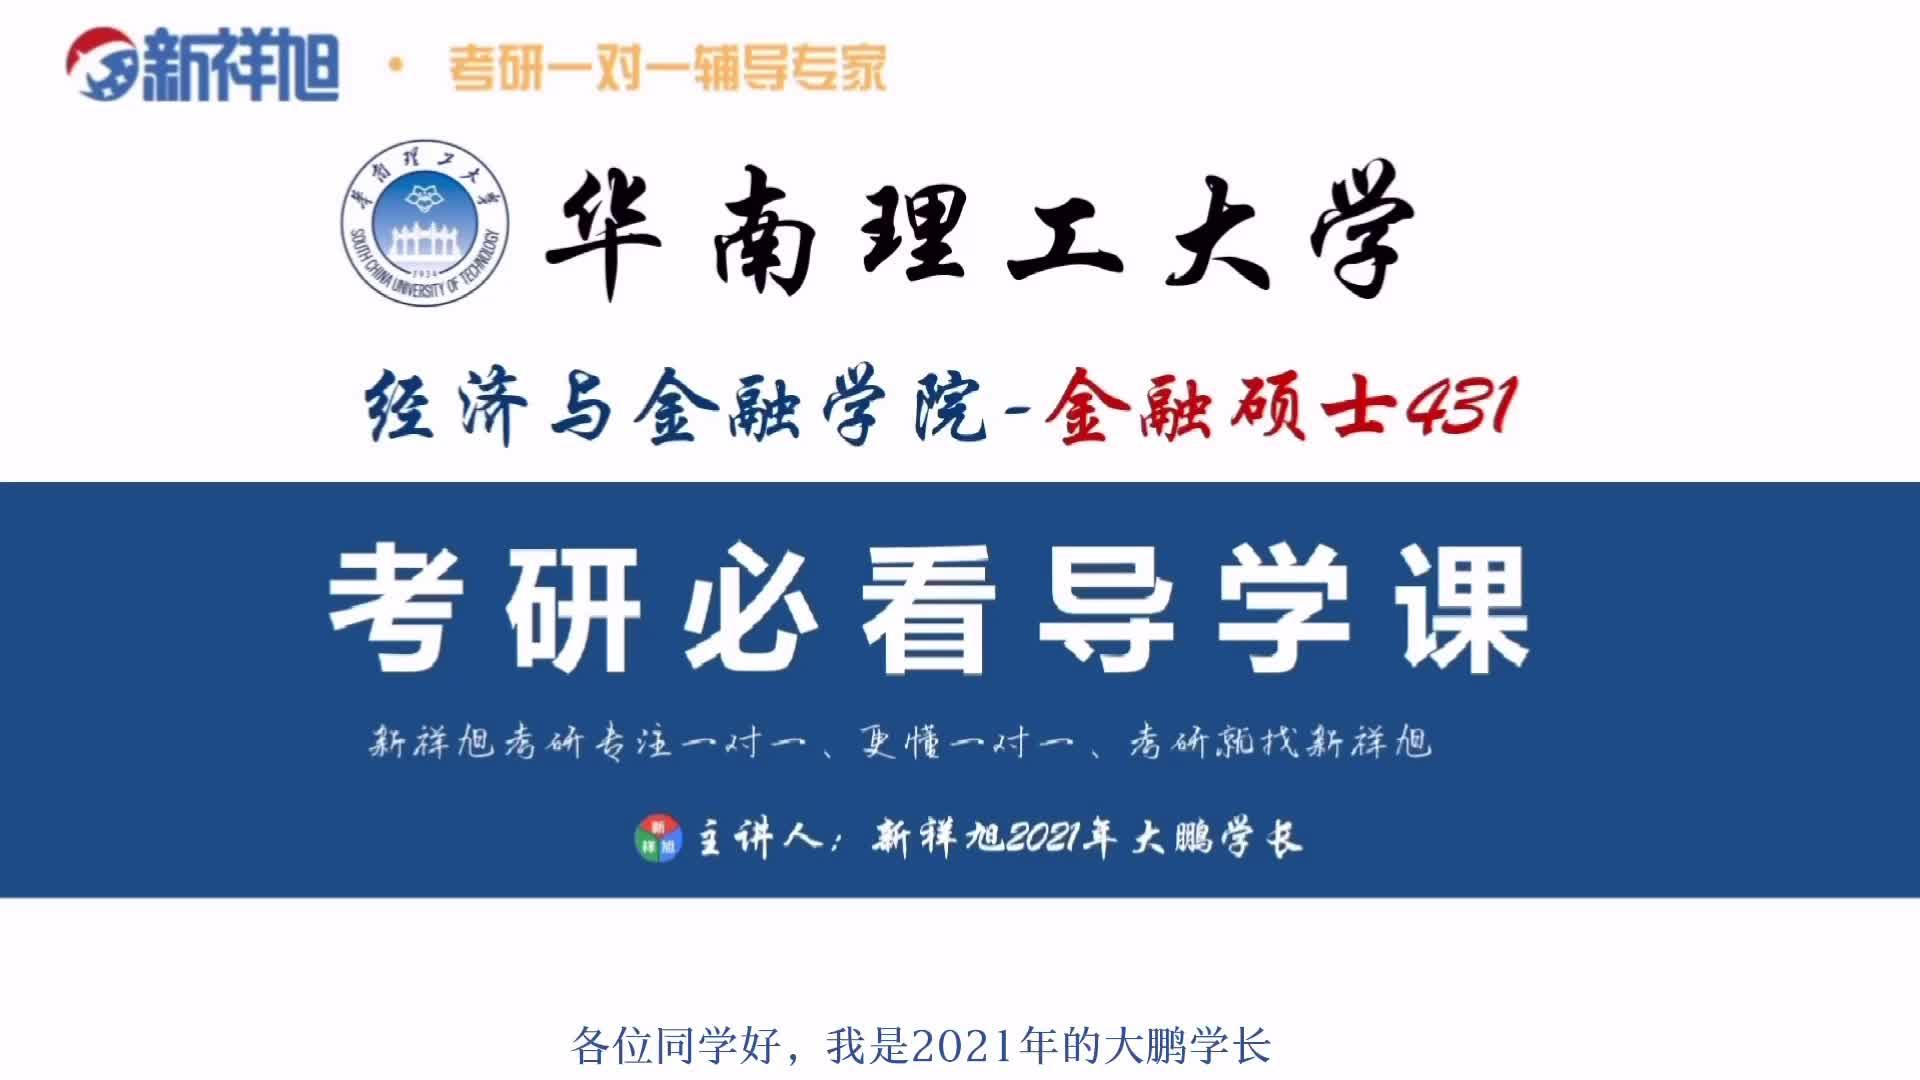 【新祥旭考研】大鹏学长-华南理工大学-金融硕士431考研导学课.MP4